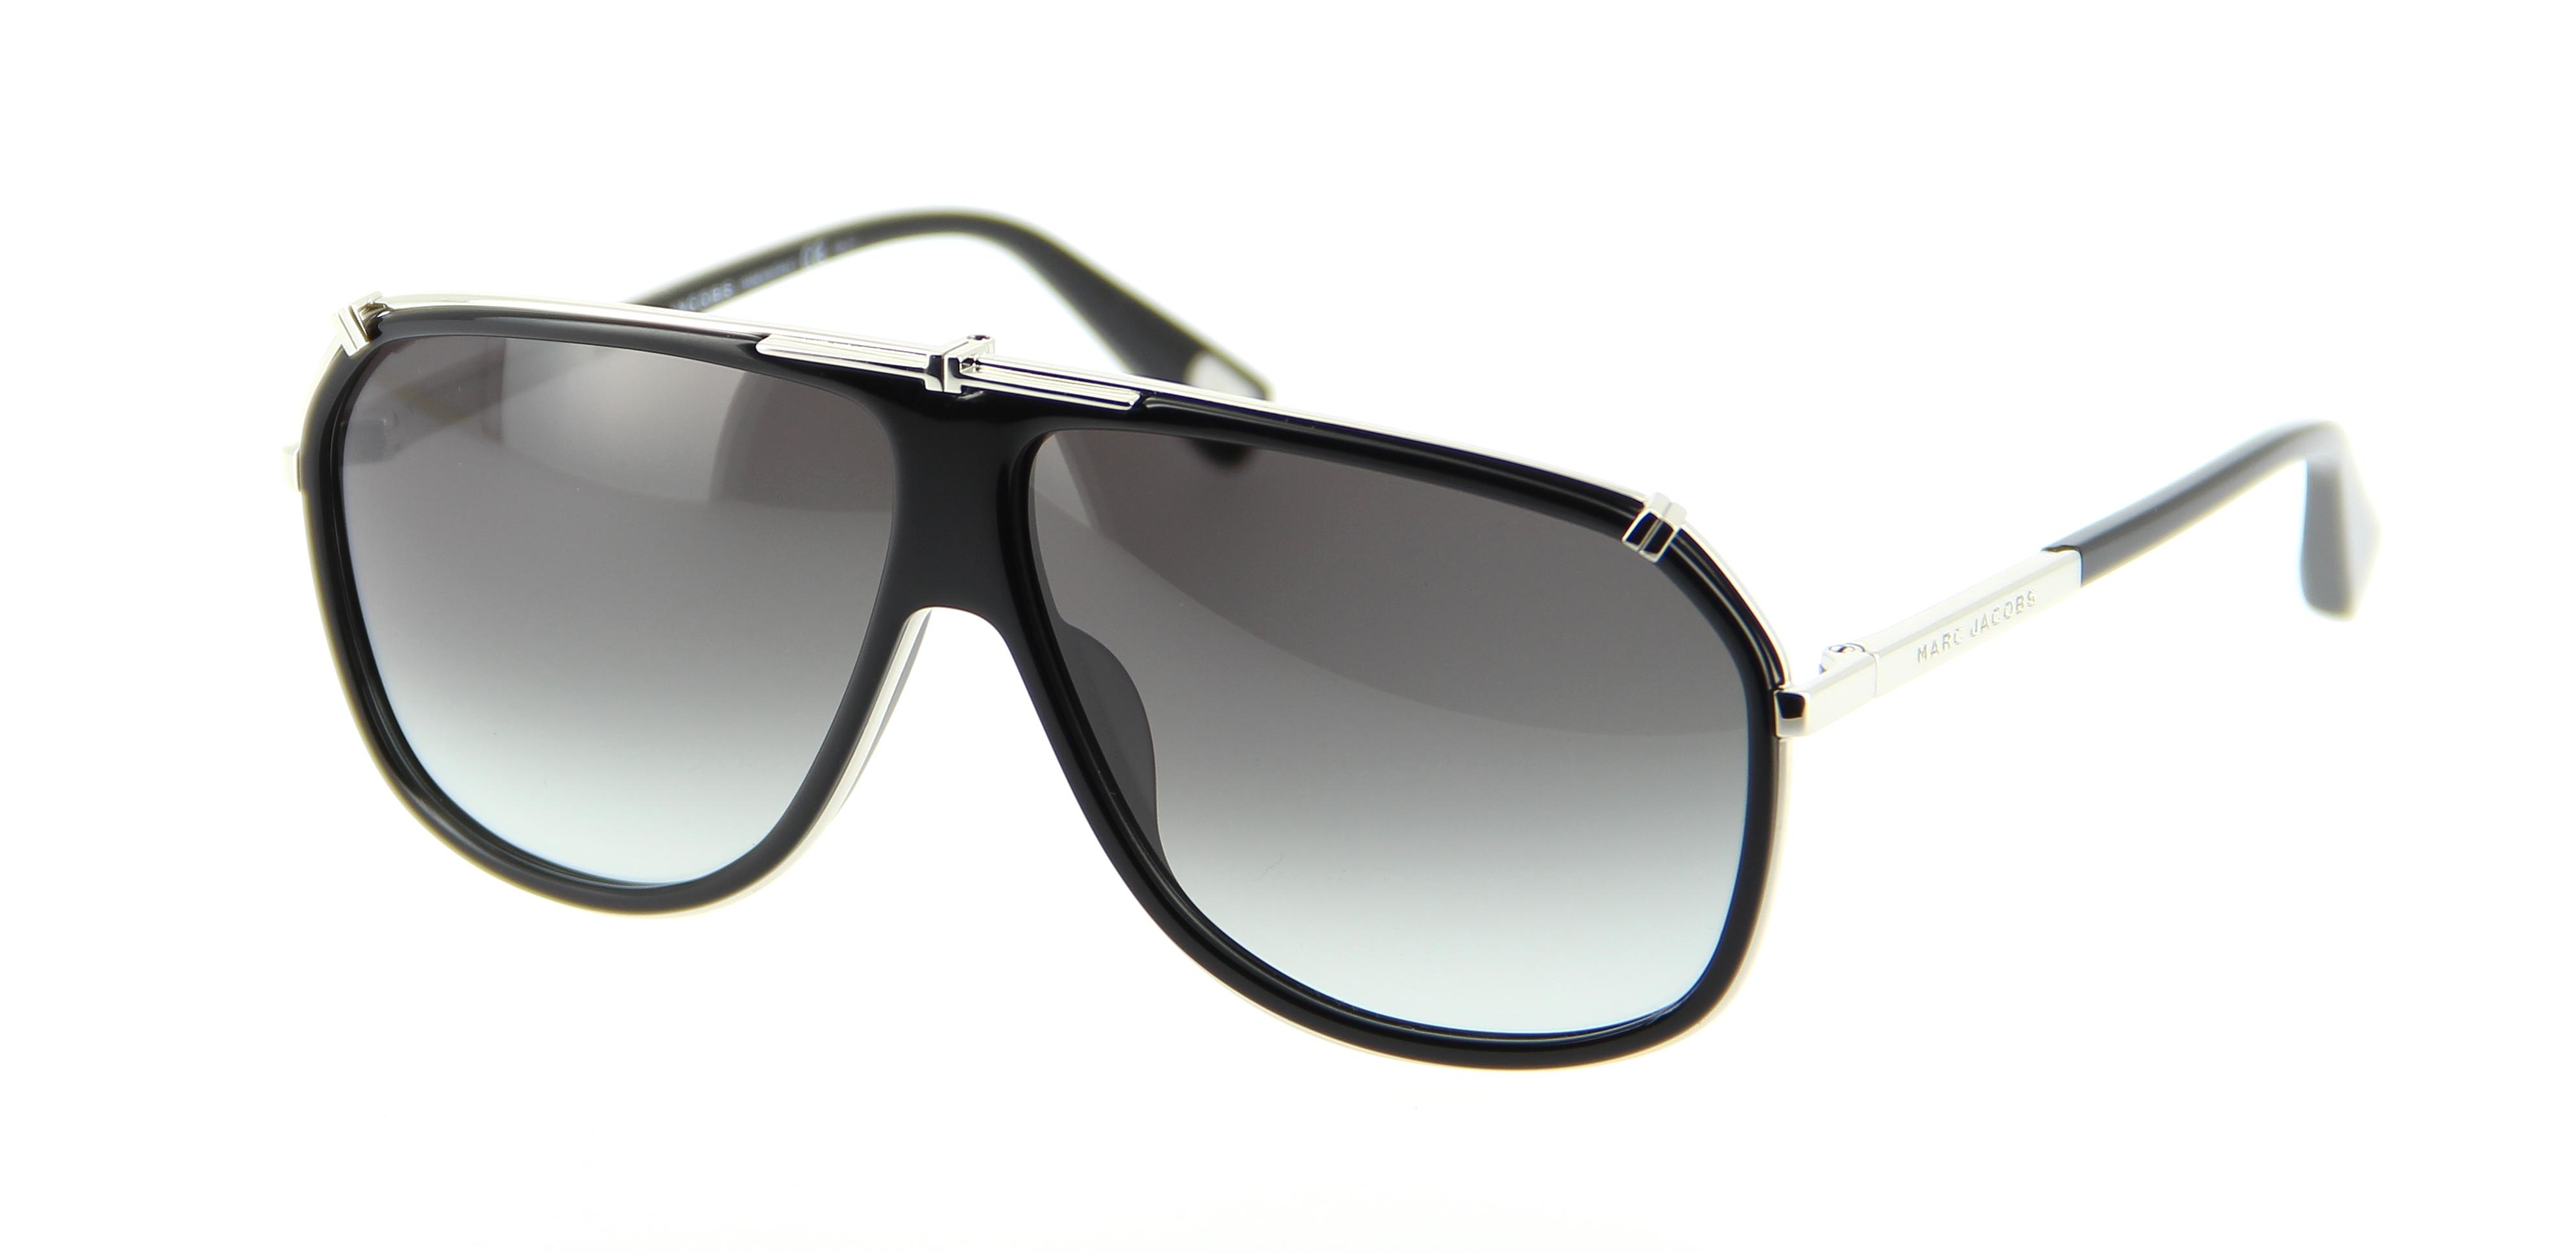 lunettes de soleil MARC JACOBS MJ S M